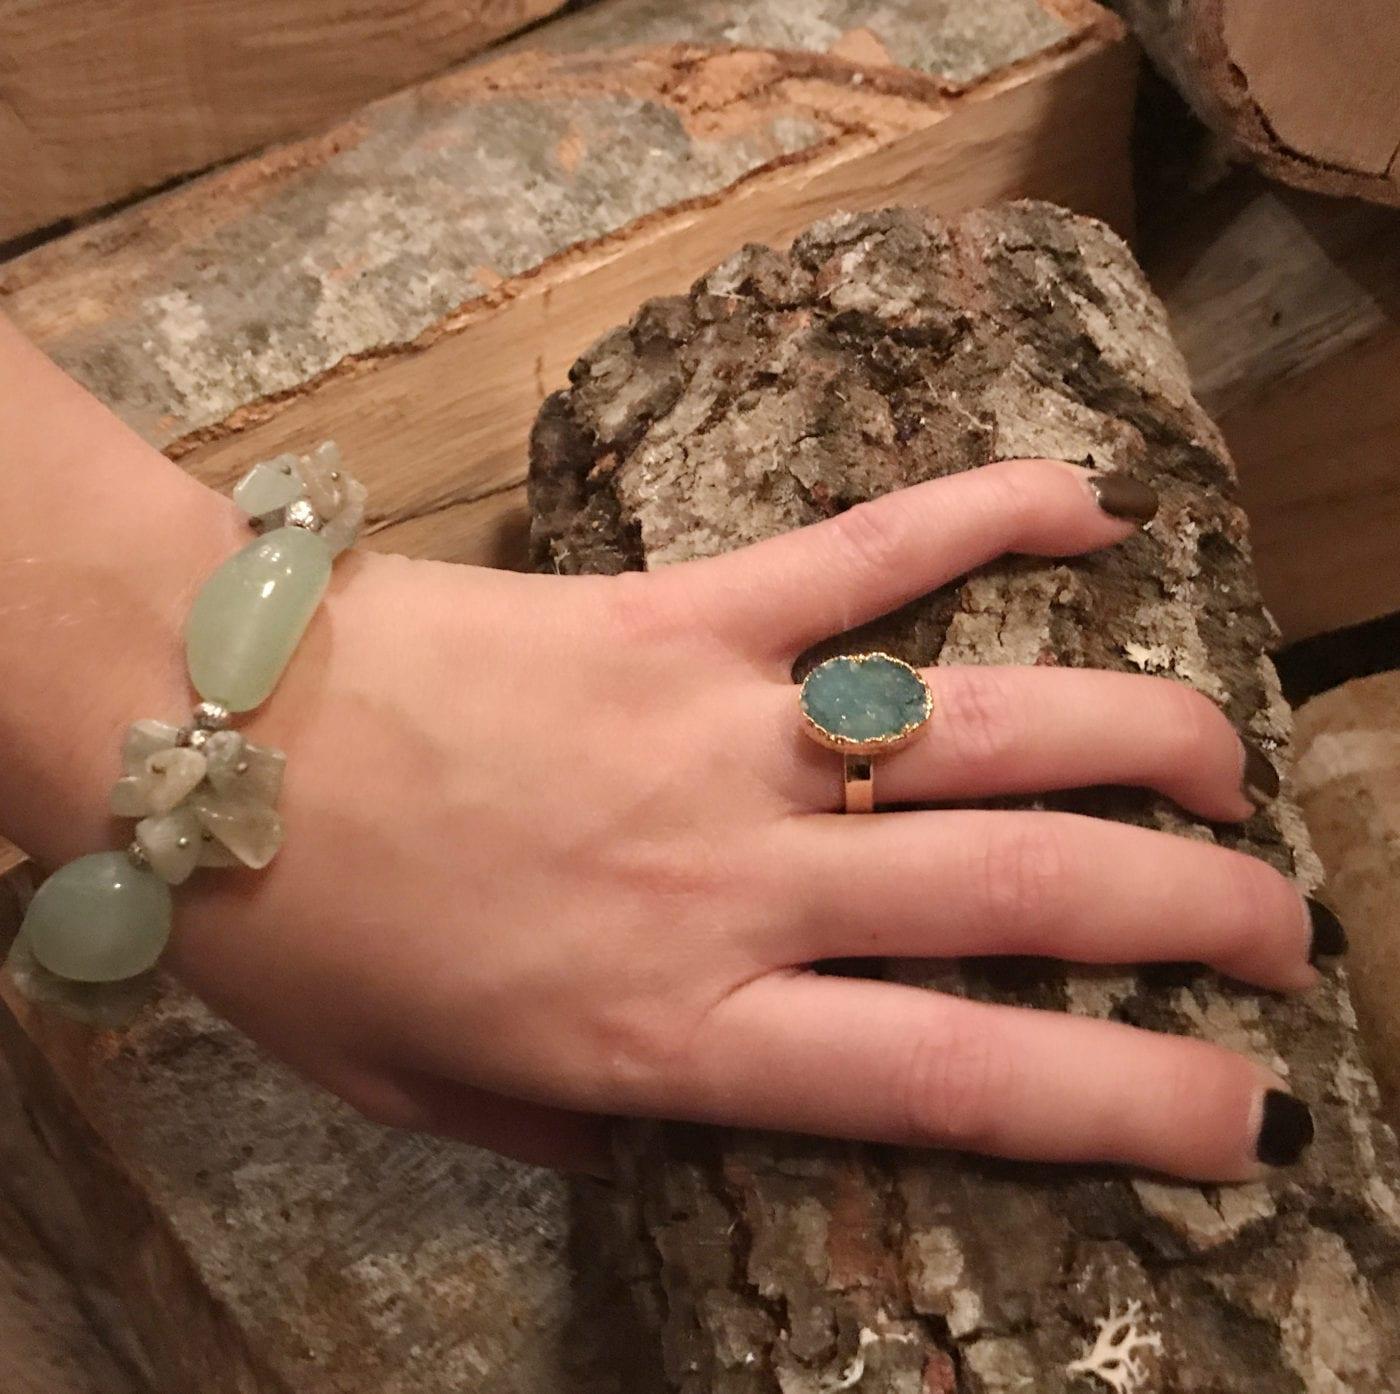 Δαχτυλίδι από χαολίτη